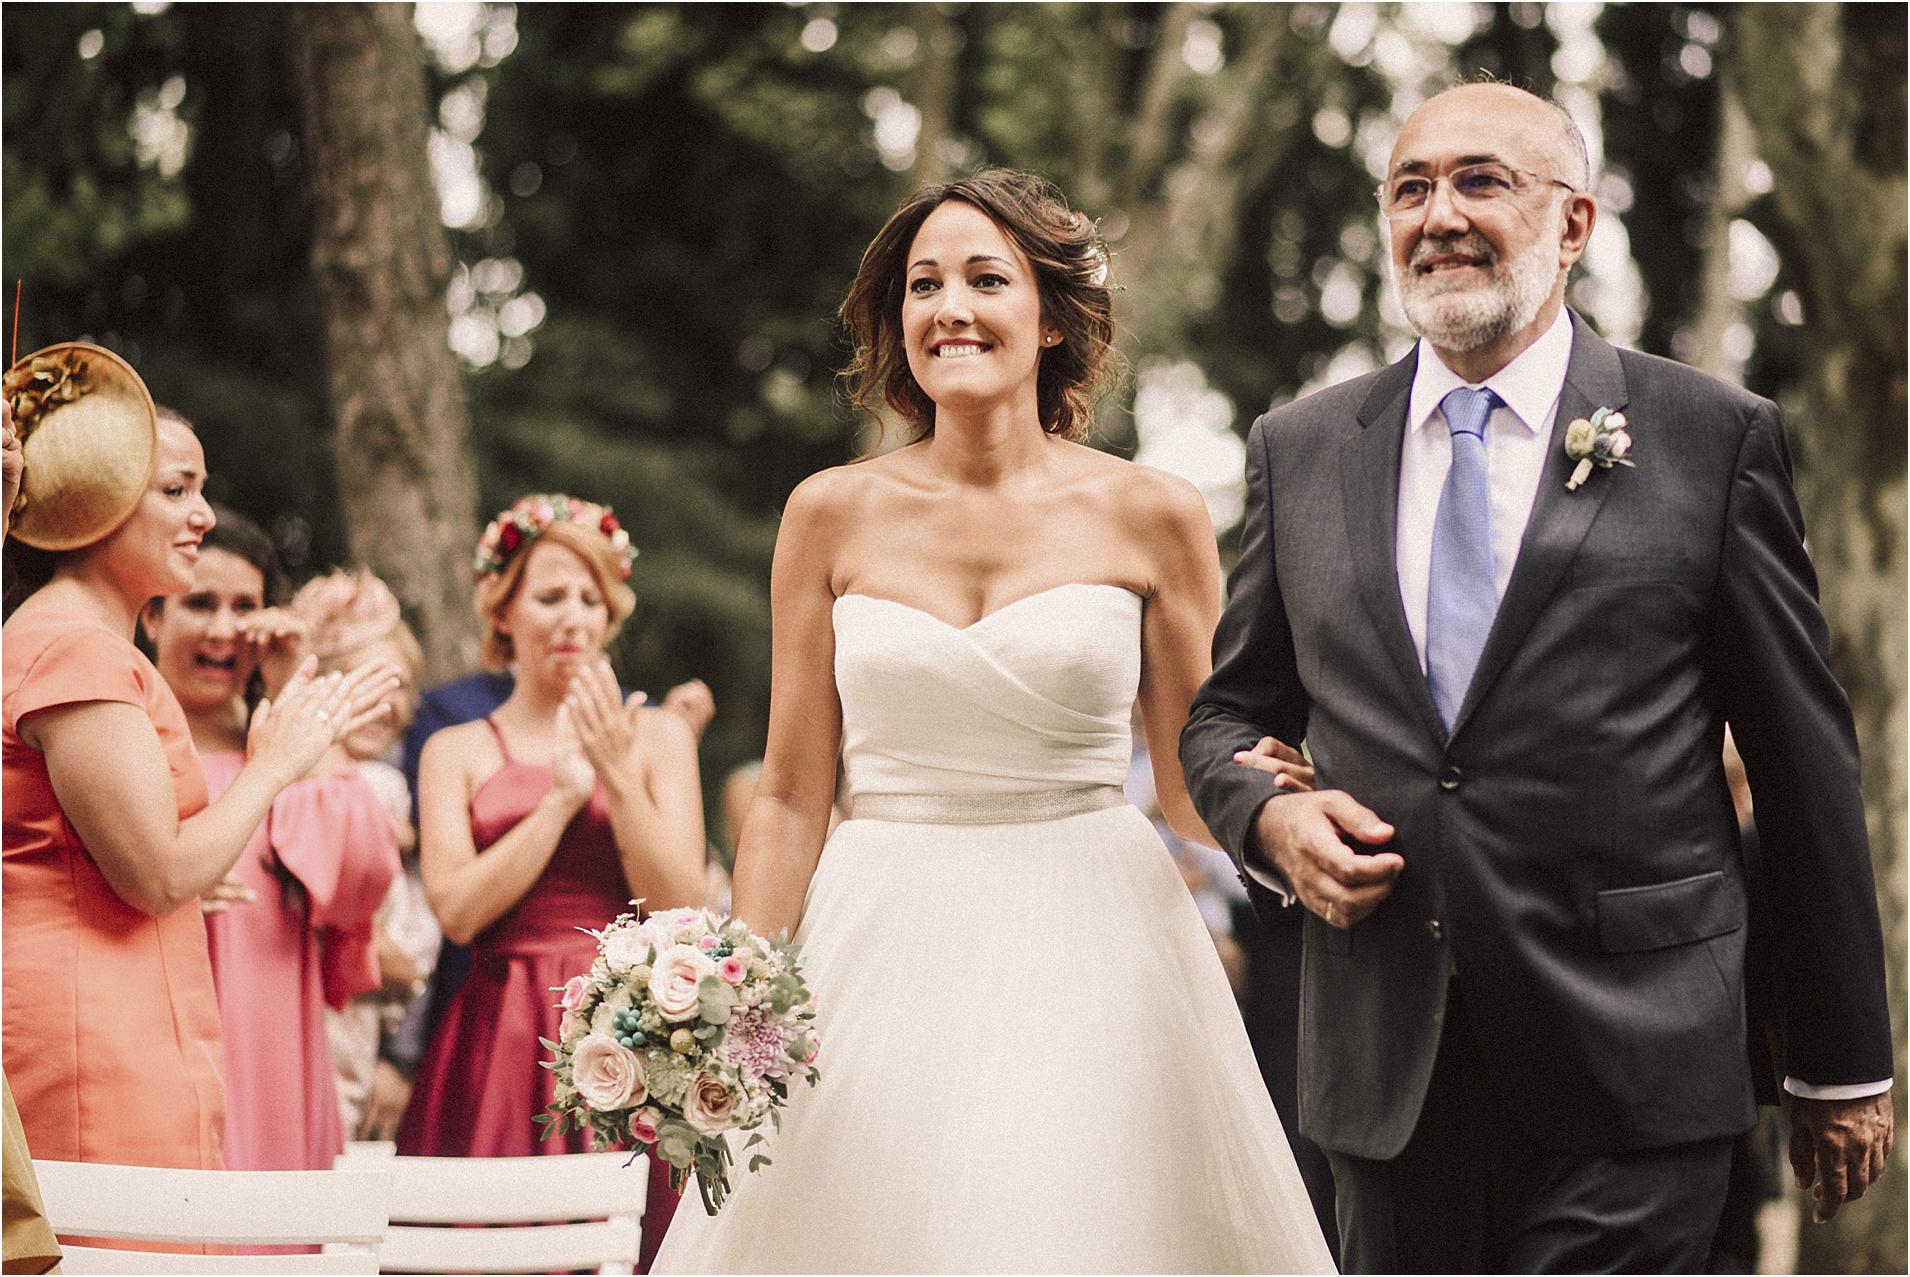 Fotografos-de-boda-donostia-zaragoza-san-sebastian-destination-wedding-photographer-45.jpg